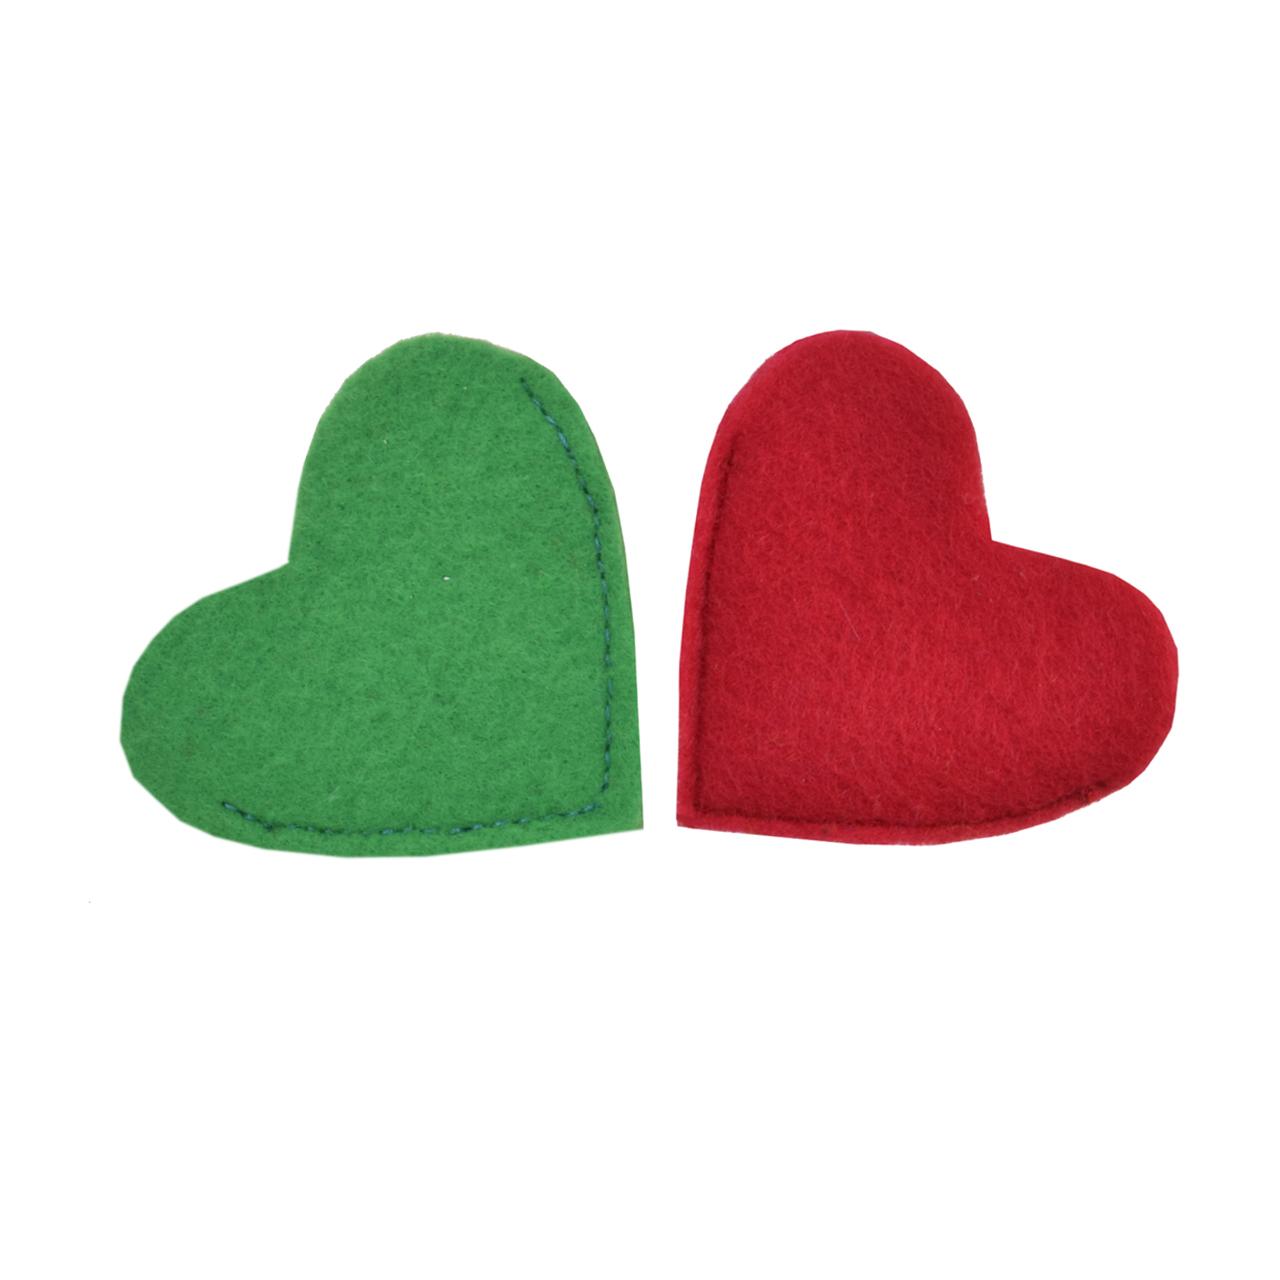 بوک مارک طرح قلب 2 بسته 2 عددی